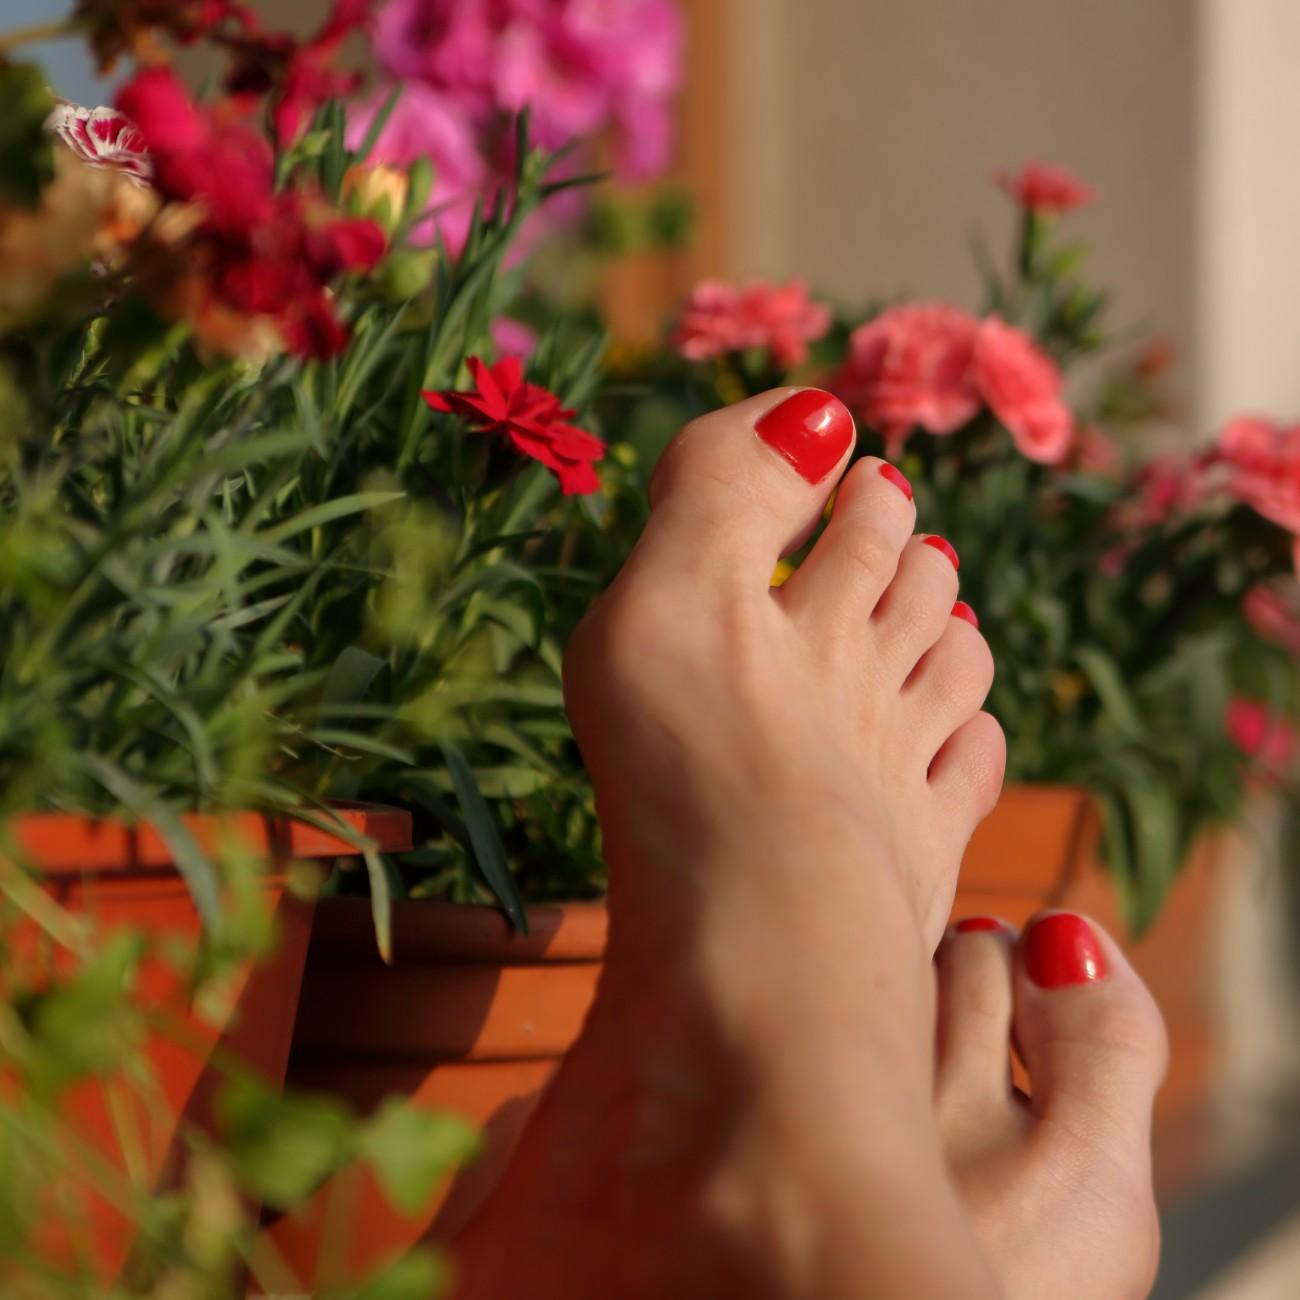 Single e felice: nell'immagine piedi femminili con smalto rosso